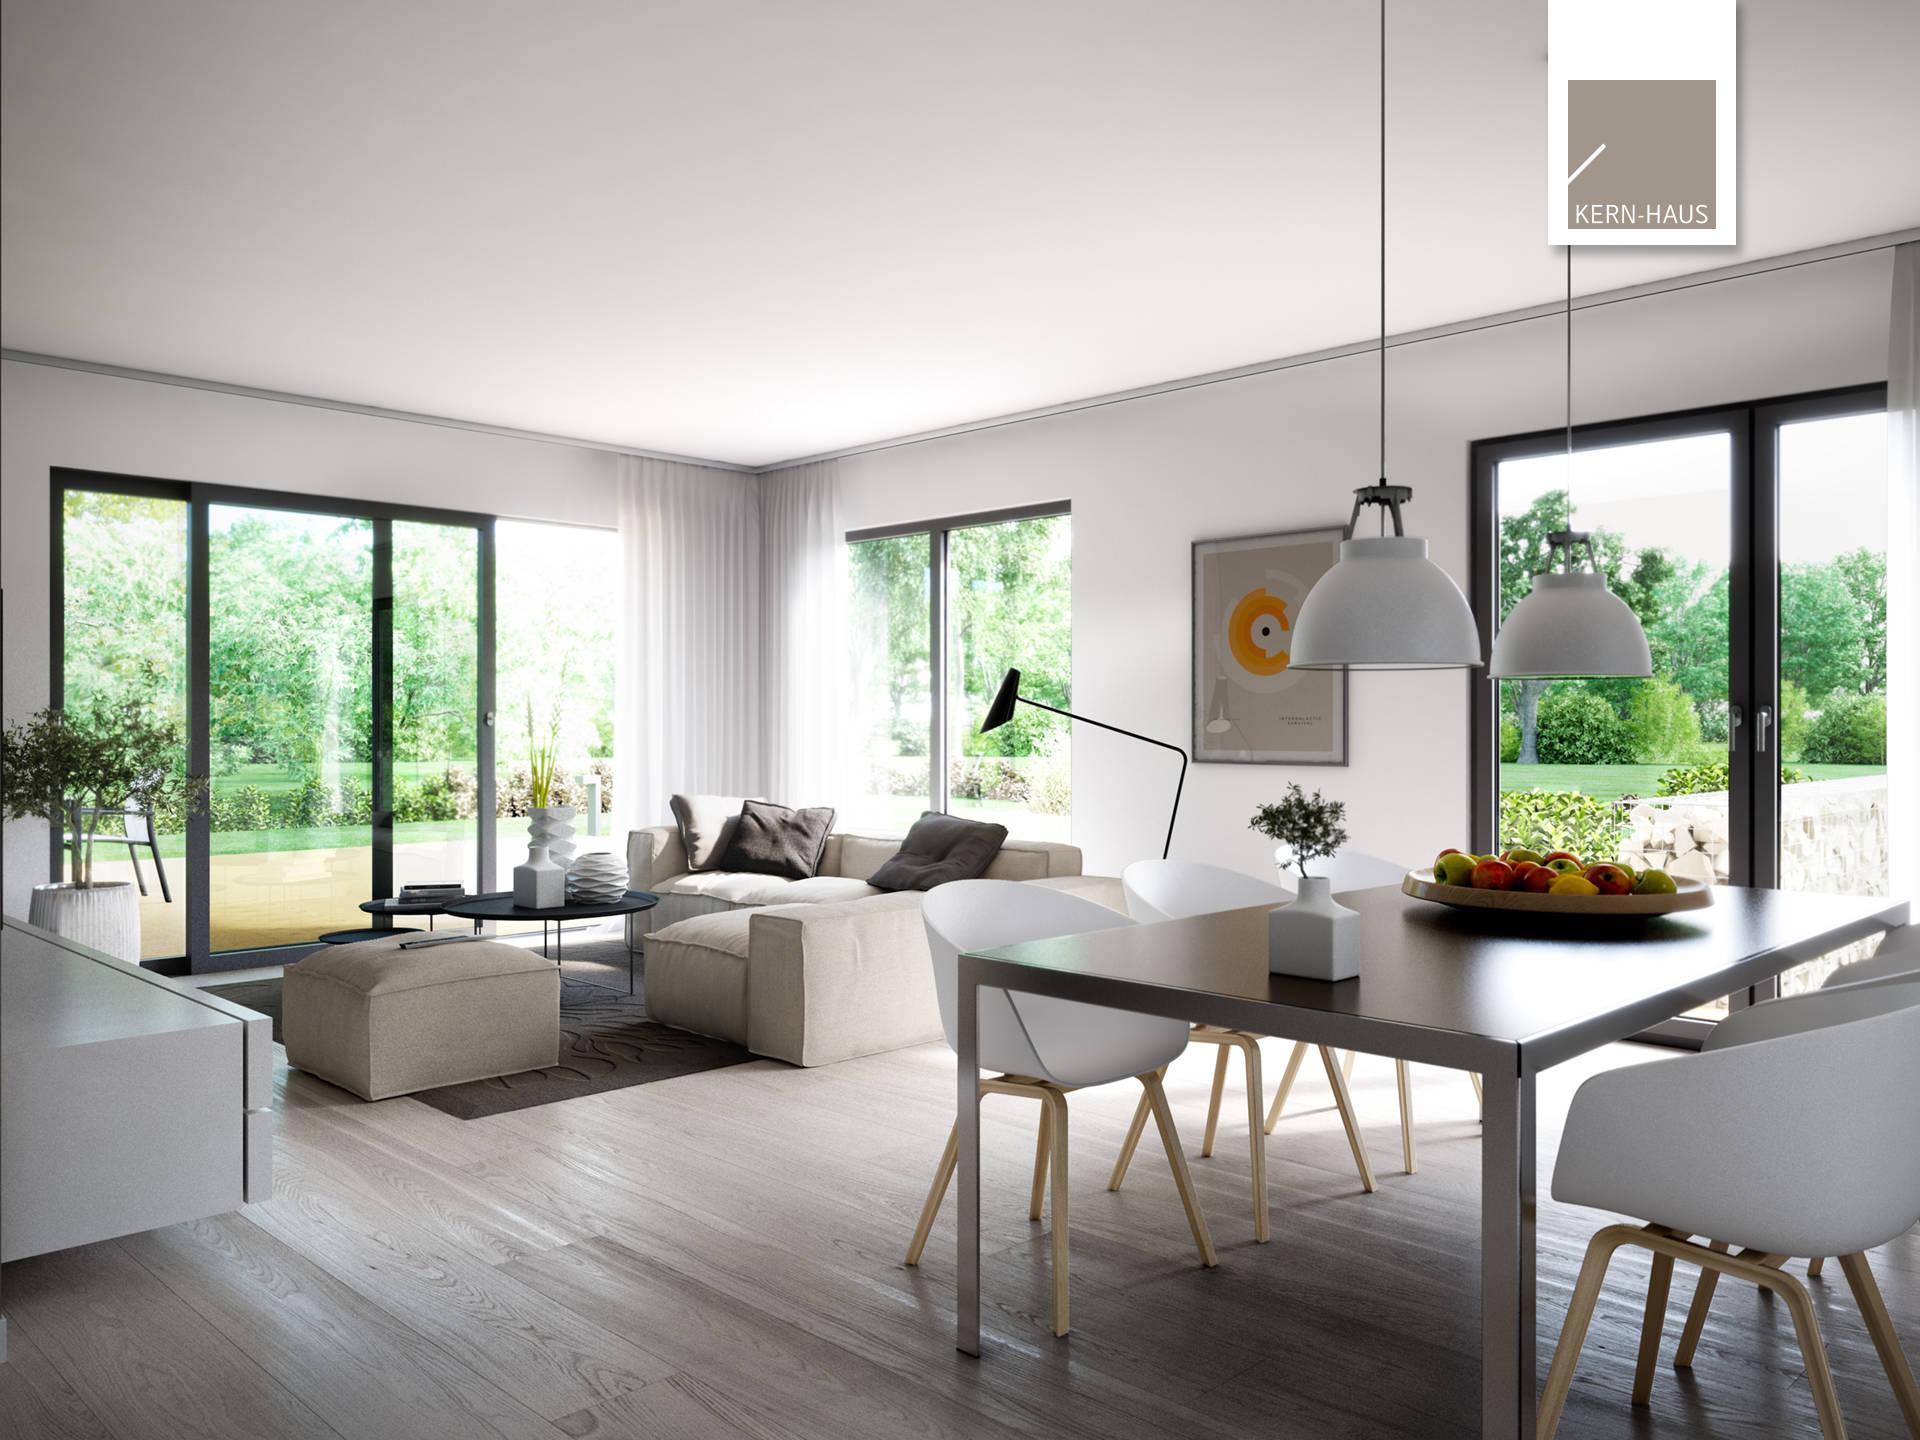 Bauhaus Werhahn Küche | Kuche Bauhausstil Bauhausstil Ligno Fingerhuthaus De